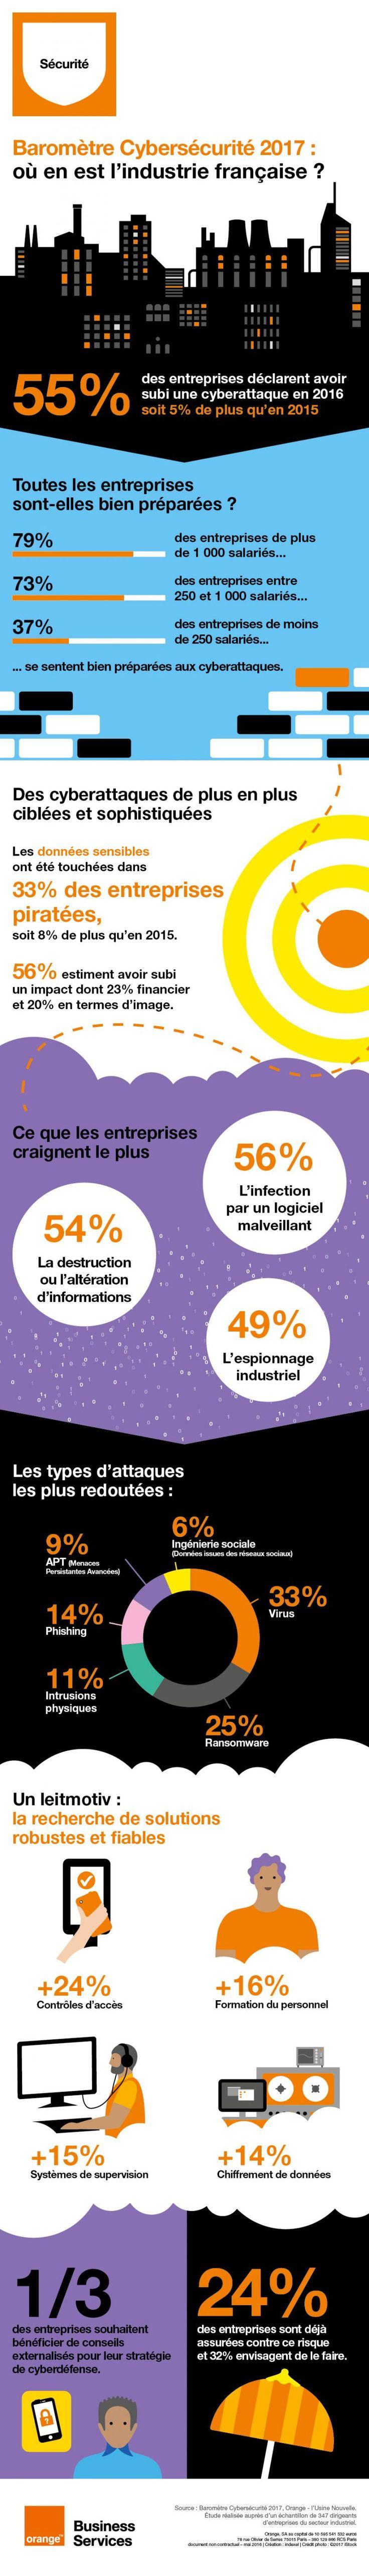 Baromètre Cybersécurité 2017 : Les entreprises industrielles françaises dévoilent leurs risques numériques. Et vous, où en êtes-vous ? Découvrez en exclusivité le rapport détaillé du Baromètre Cybersécurité 2017 Orange, réalisé en partenariat avec L'Usine Nouvelle